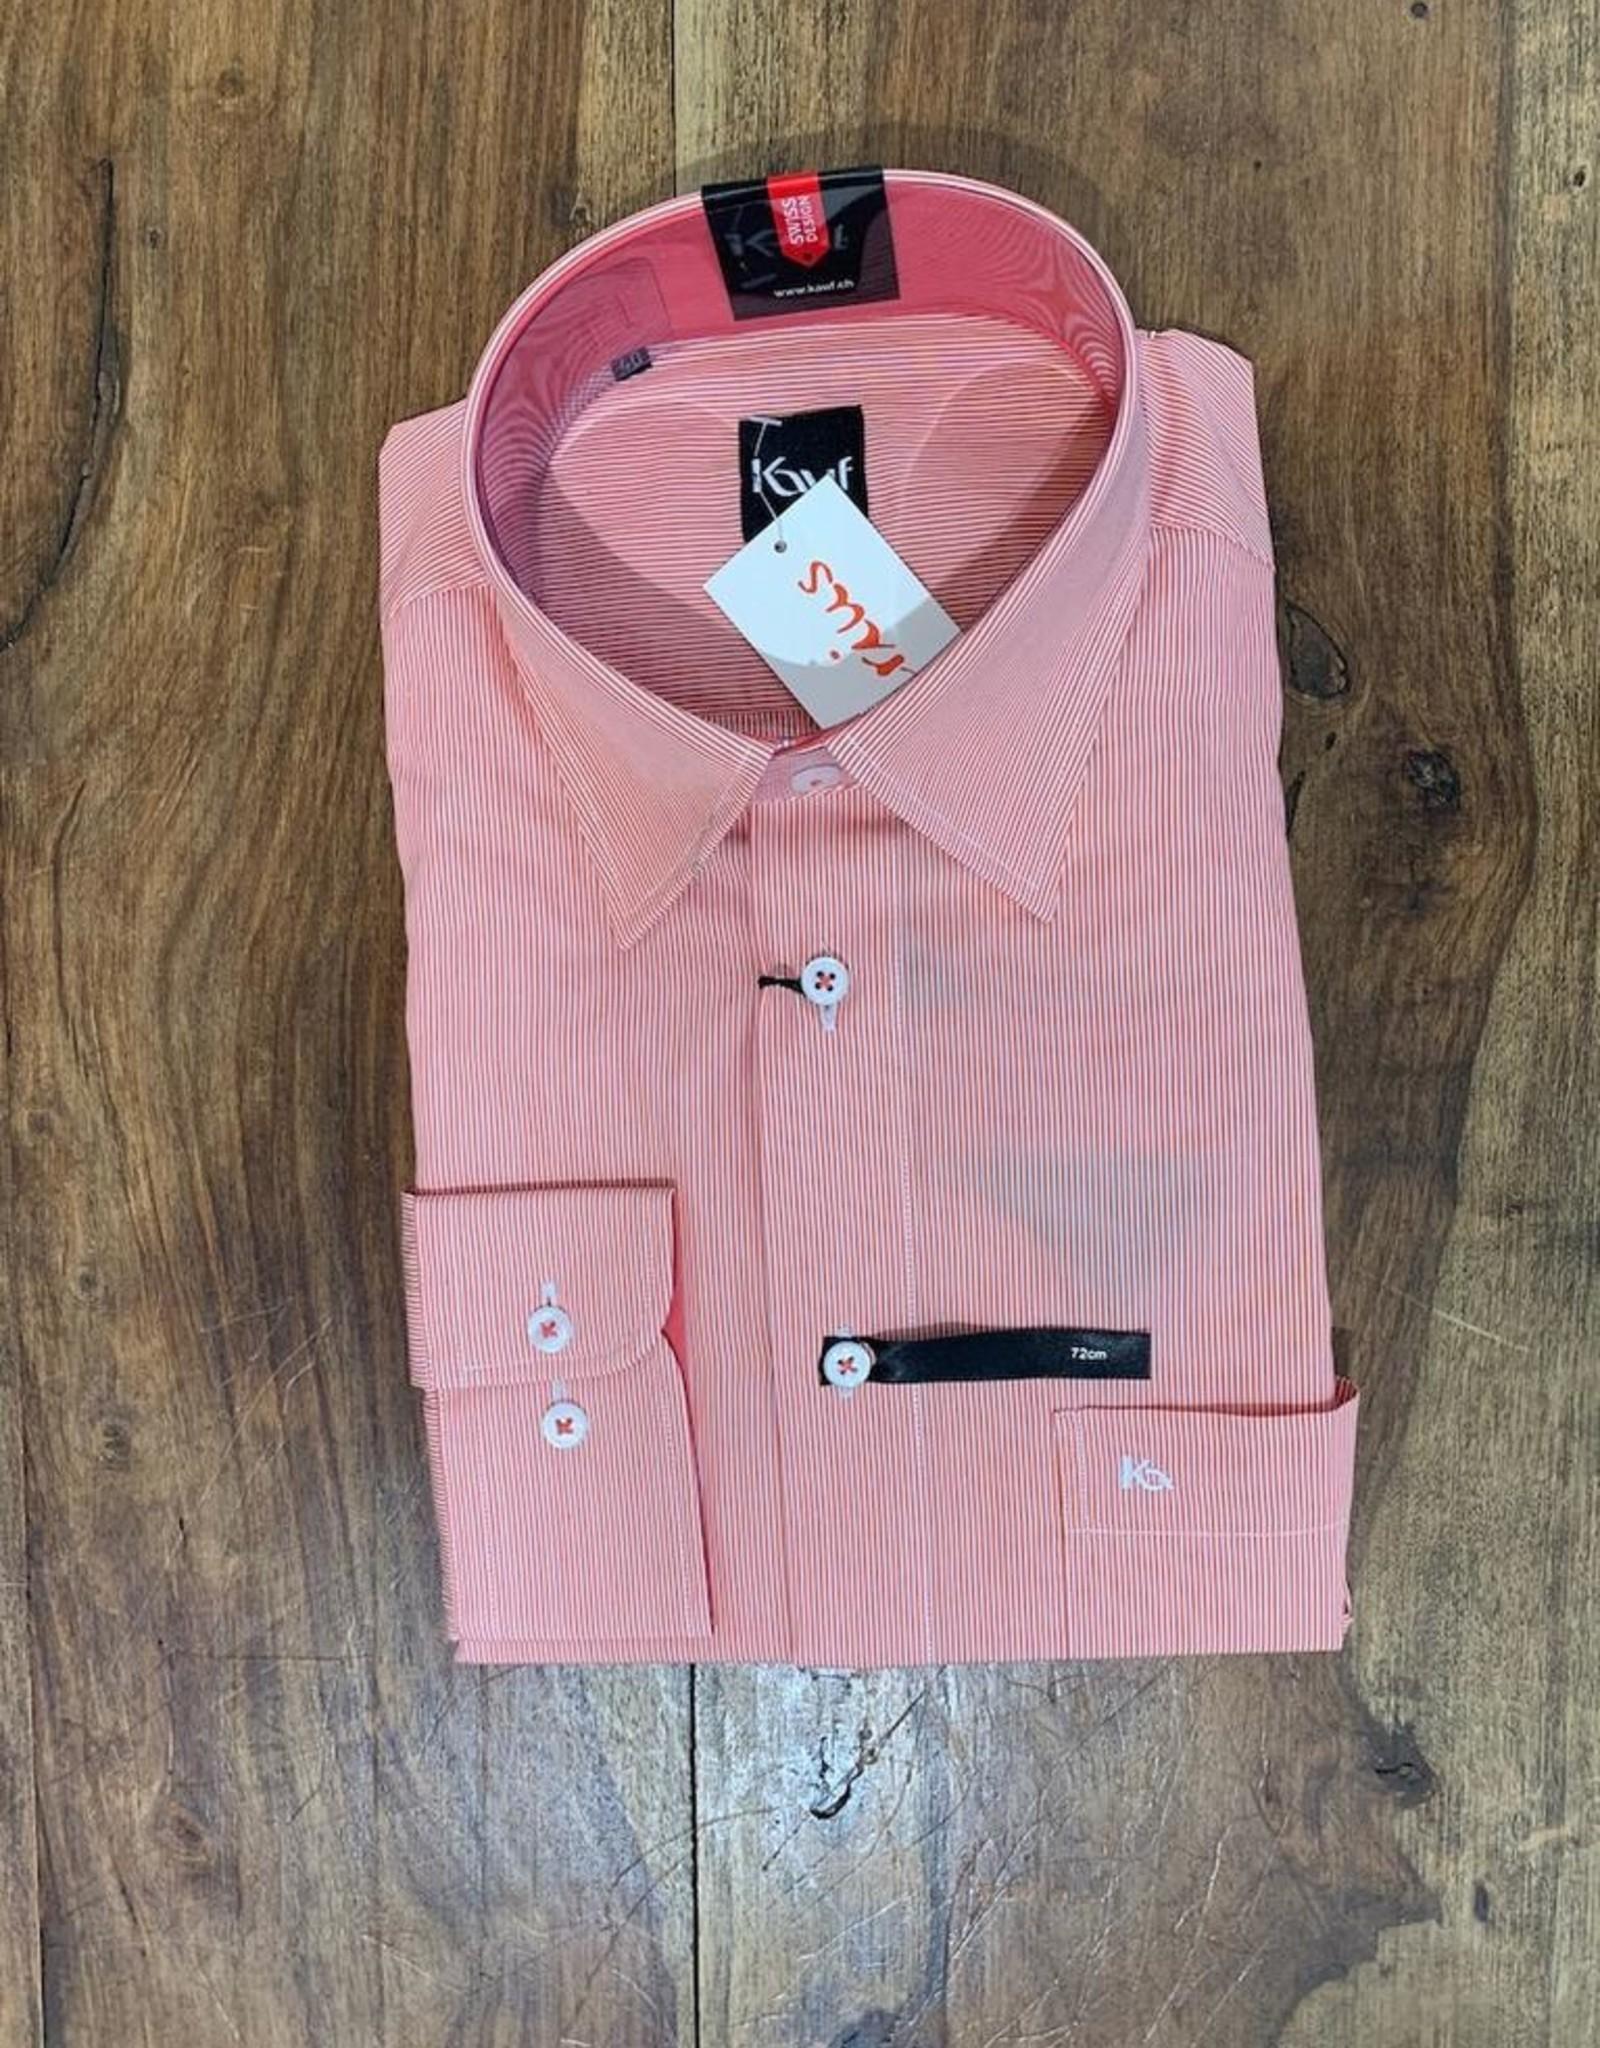 Kauf Kauf Hemd Modern Fit Feiner Streifen rot Armlänge 72 cm